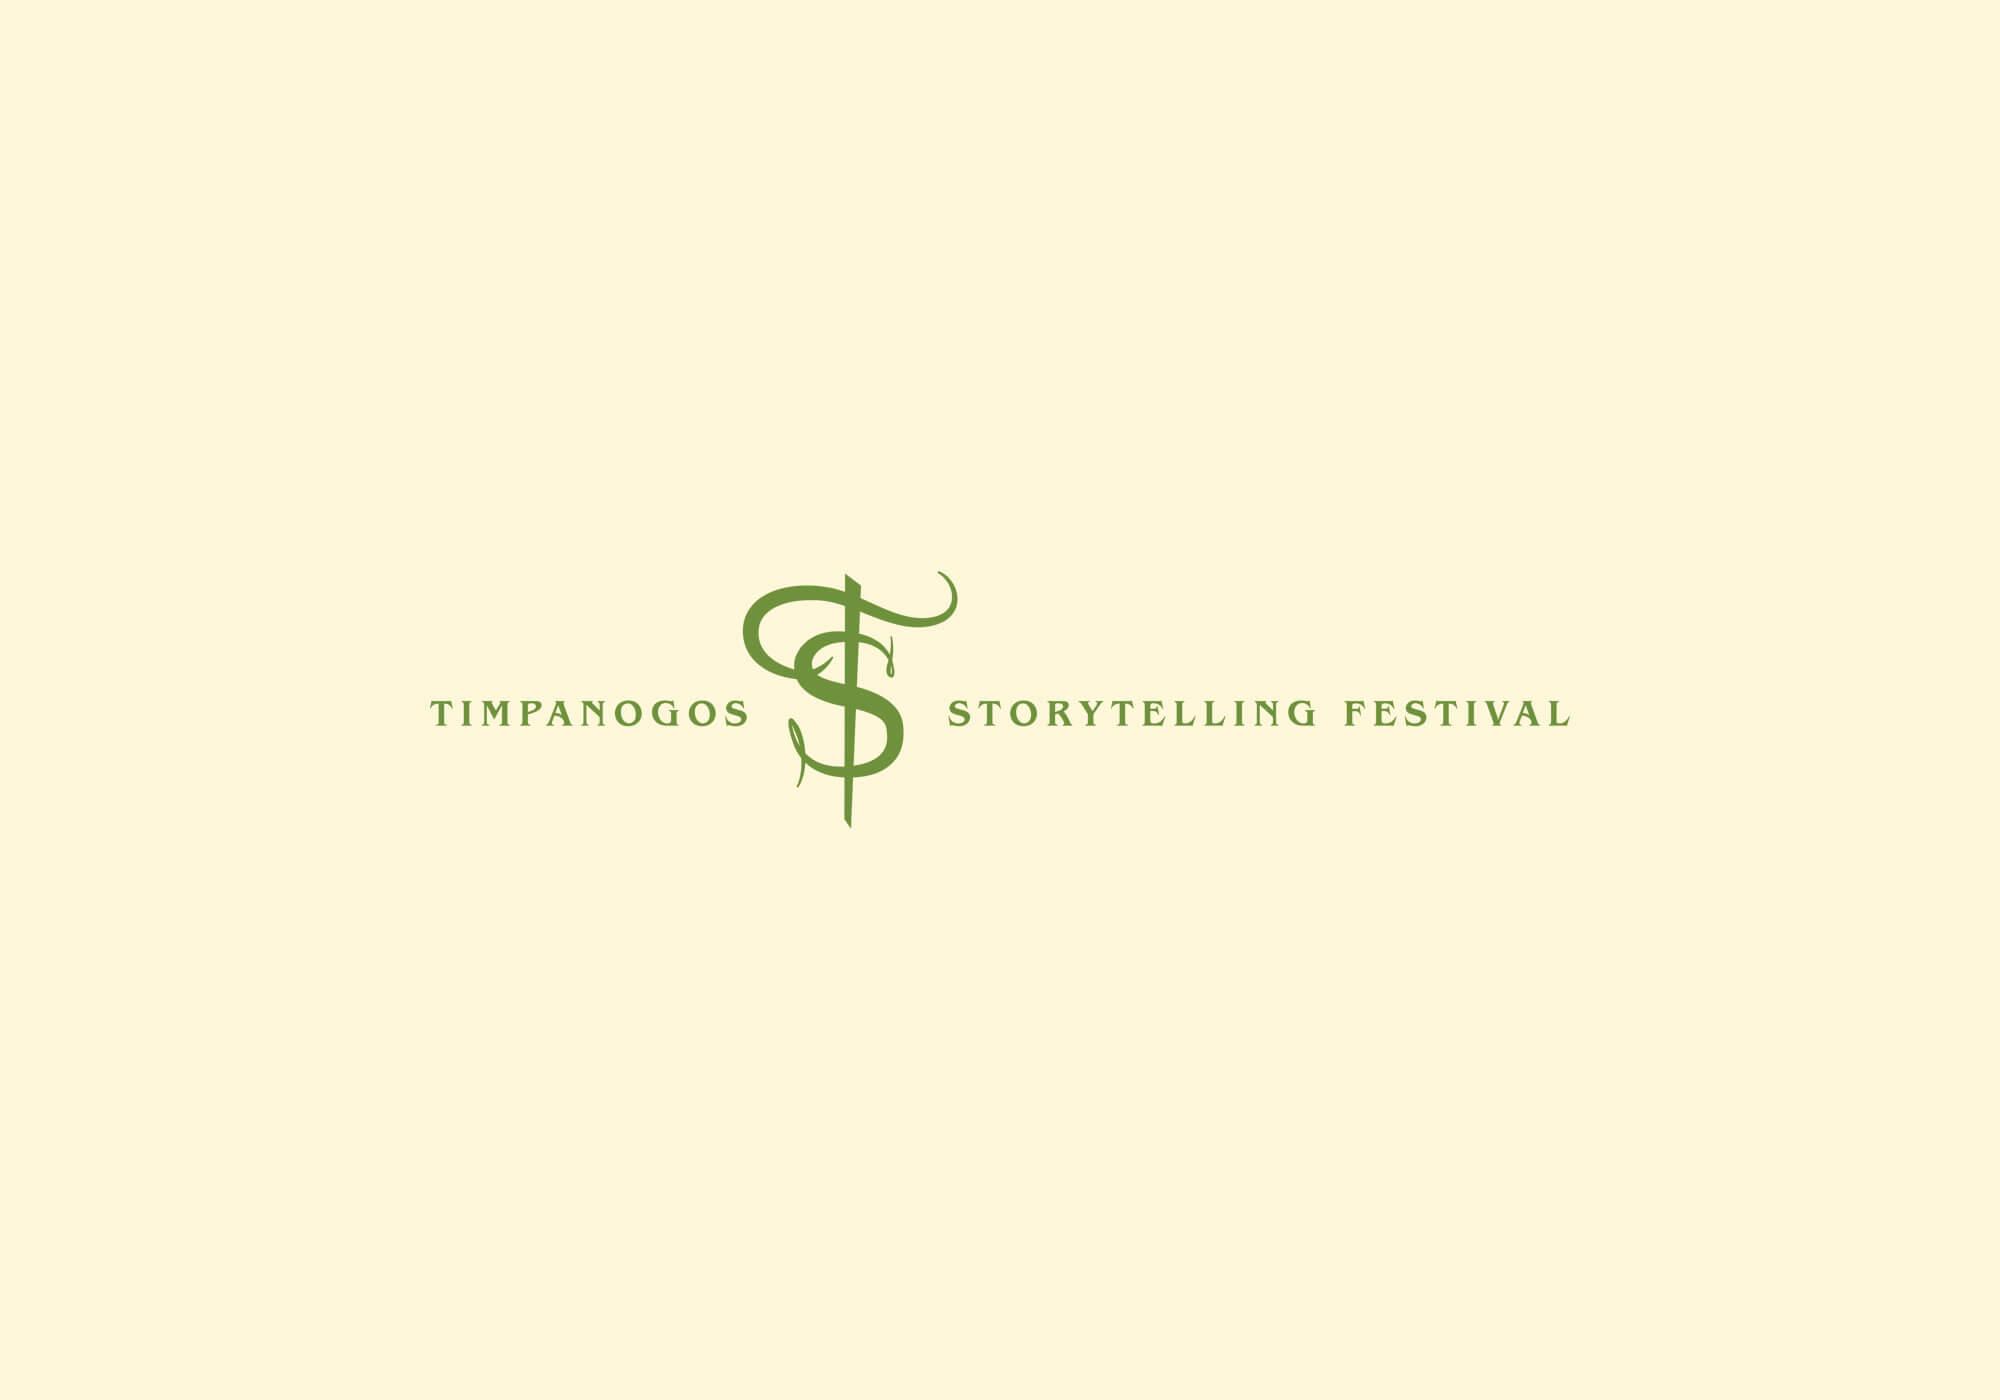 Timpanogos Storytelling